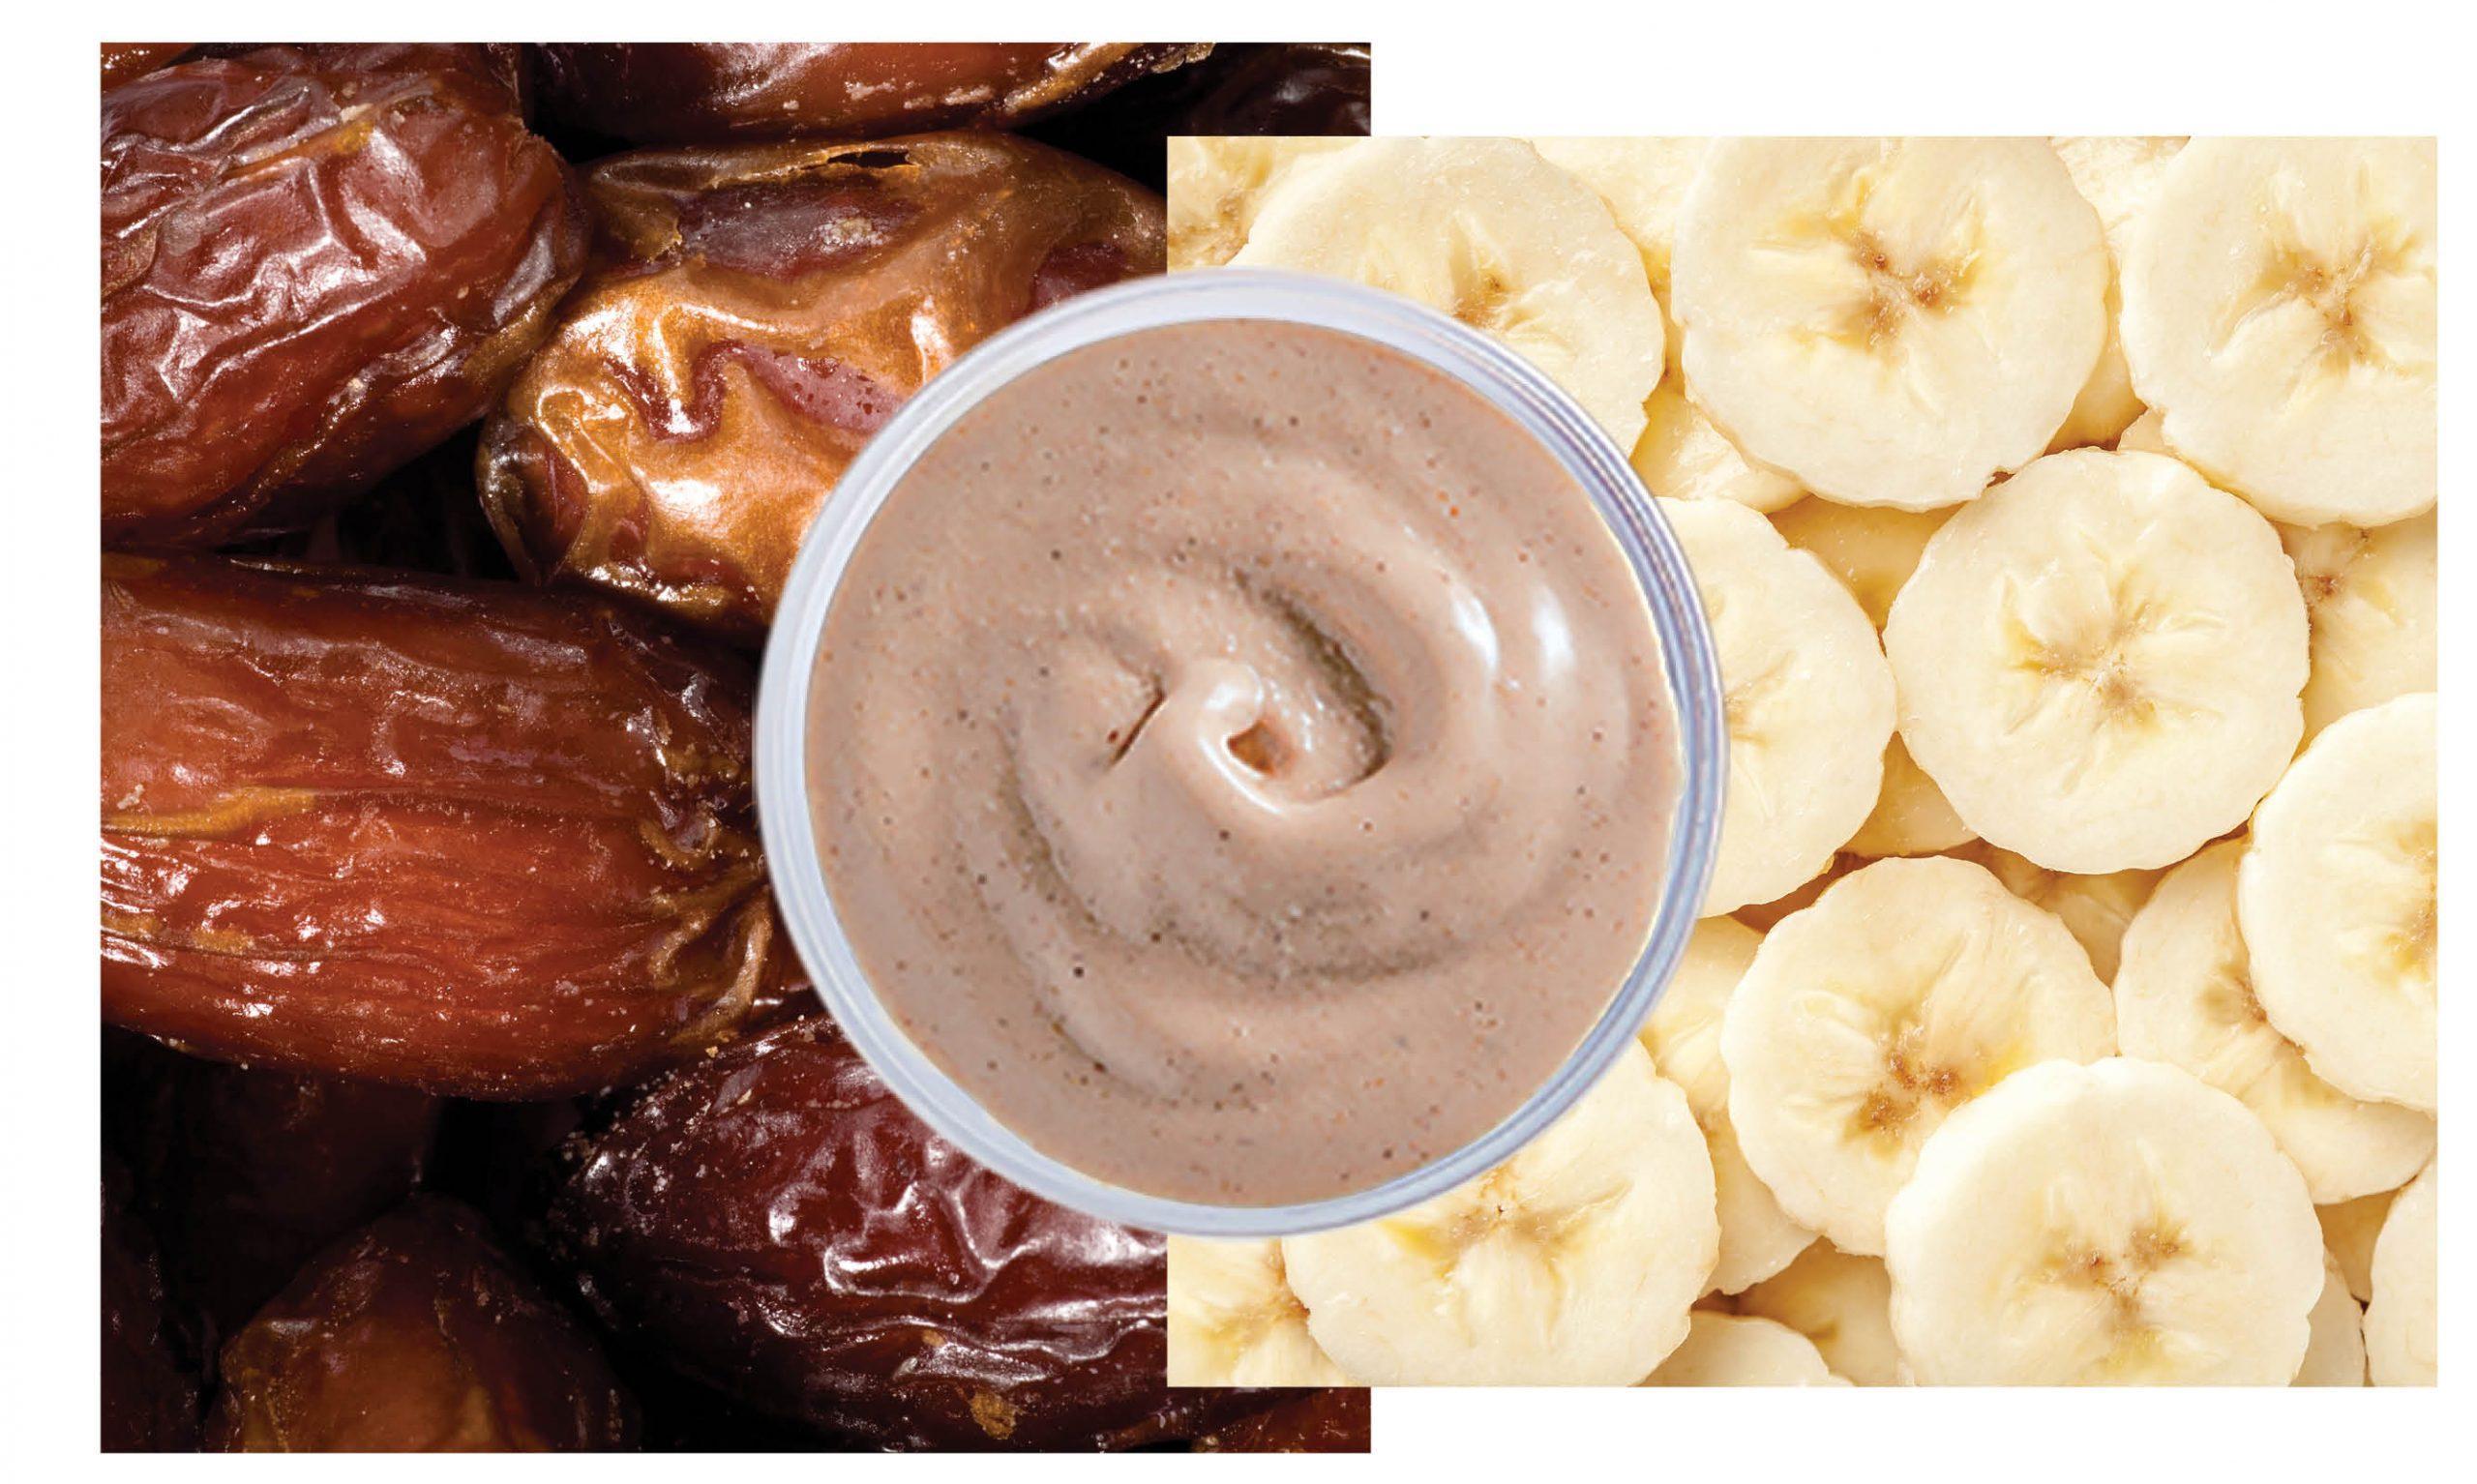 Kauai Protein Smoothie - Salted Caramel